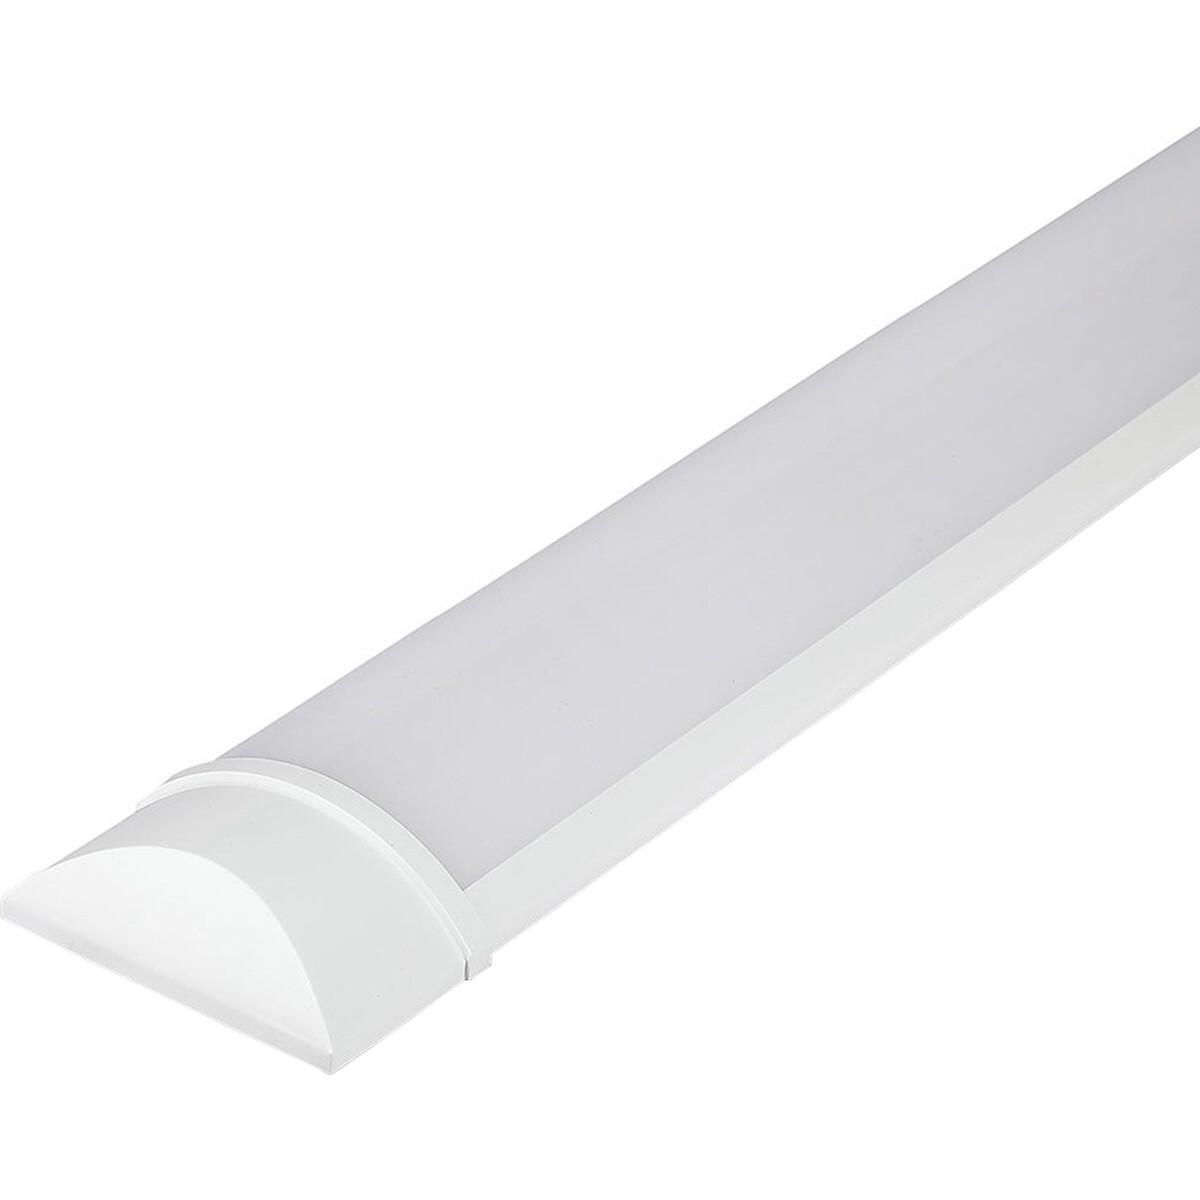 SAMSUNG - LED Balk - Viron Lavaz - 40W High Lumen - Helder/Koud Wit 6400K - Mat Wit - Kunststof - 12